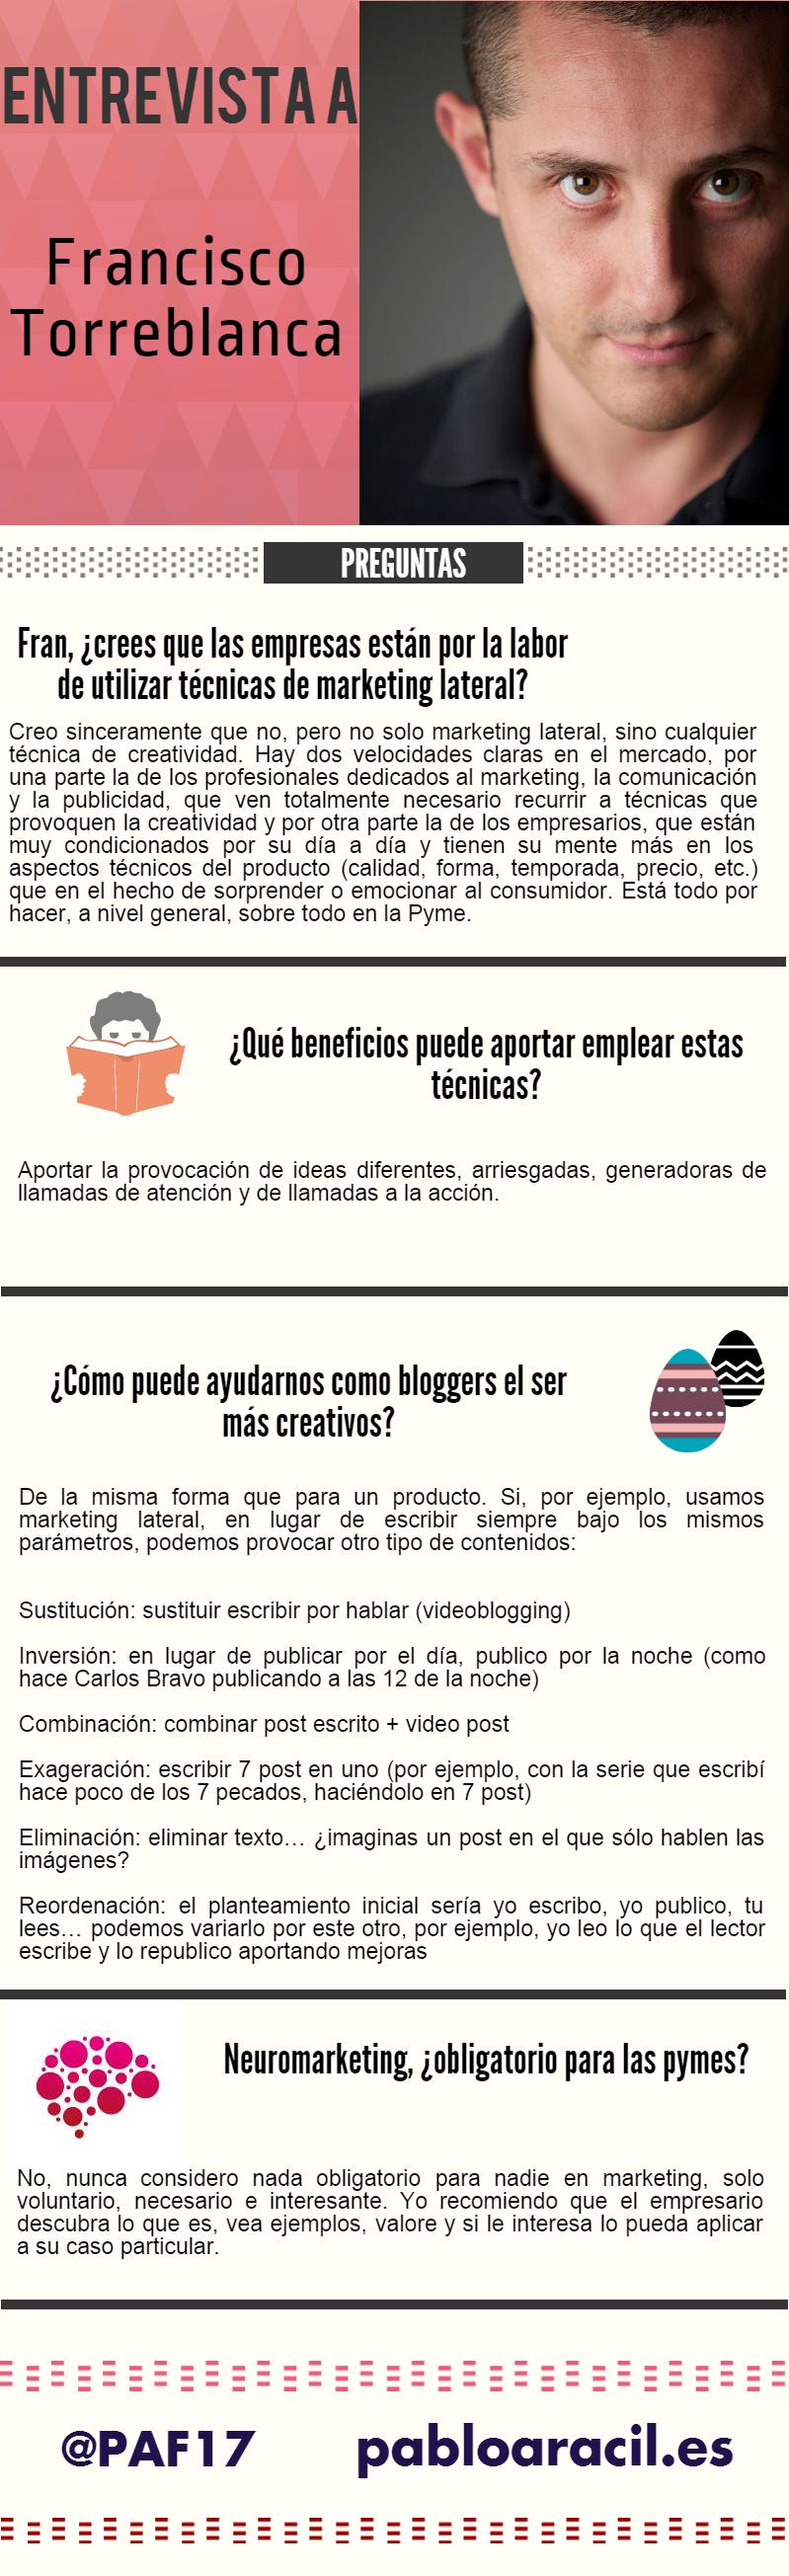 Infografía a Francisco Torreblanca